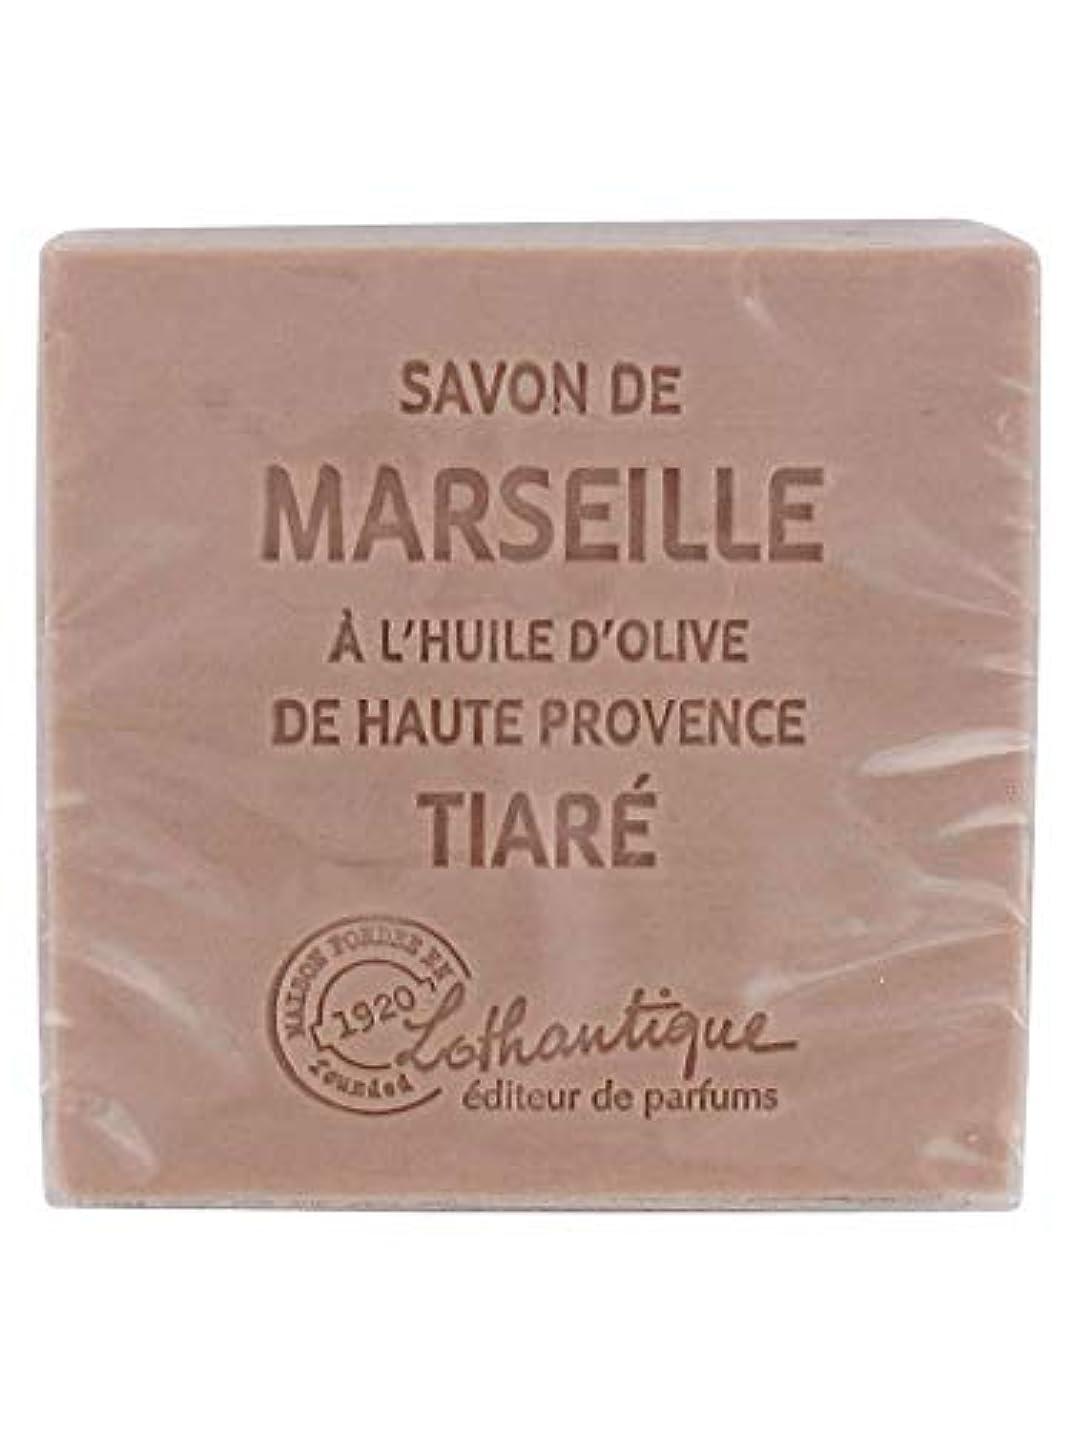 謝罪する合成妻Lothantique(ロタンティック) Les savons de Marseille(マルセイユソープ) マルセイユソープ 100g 「ティアラ」 3420070038098